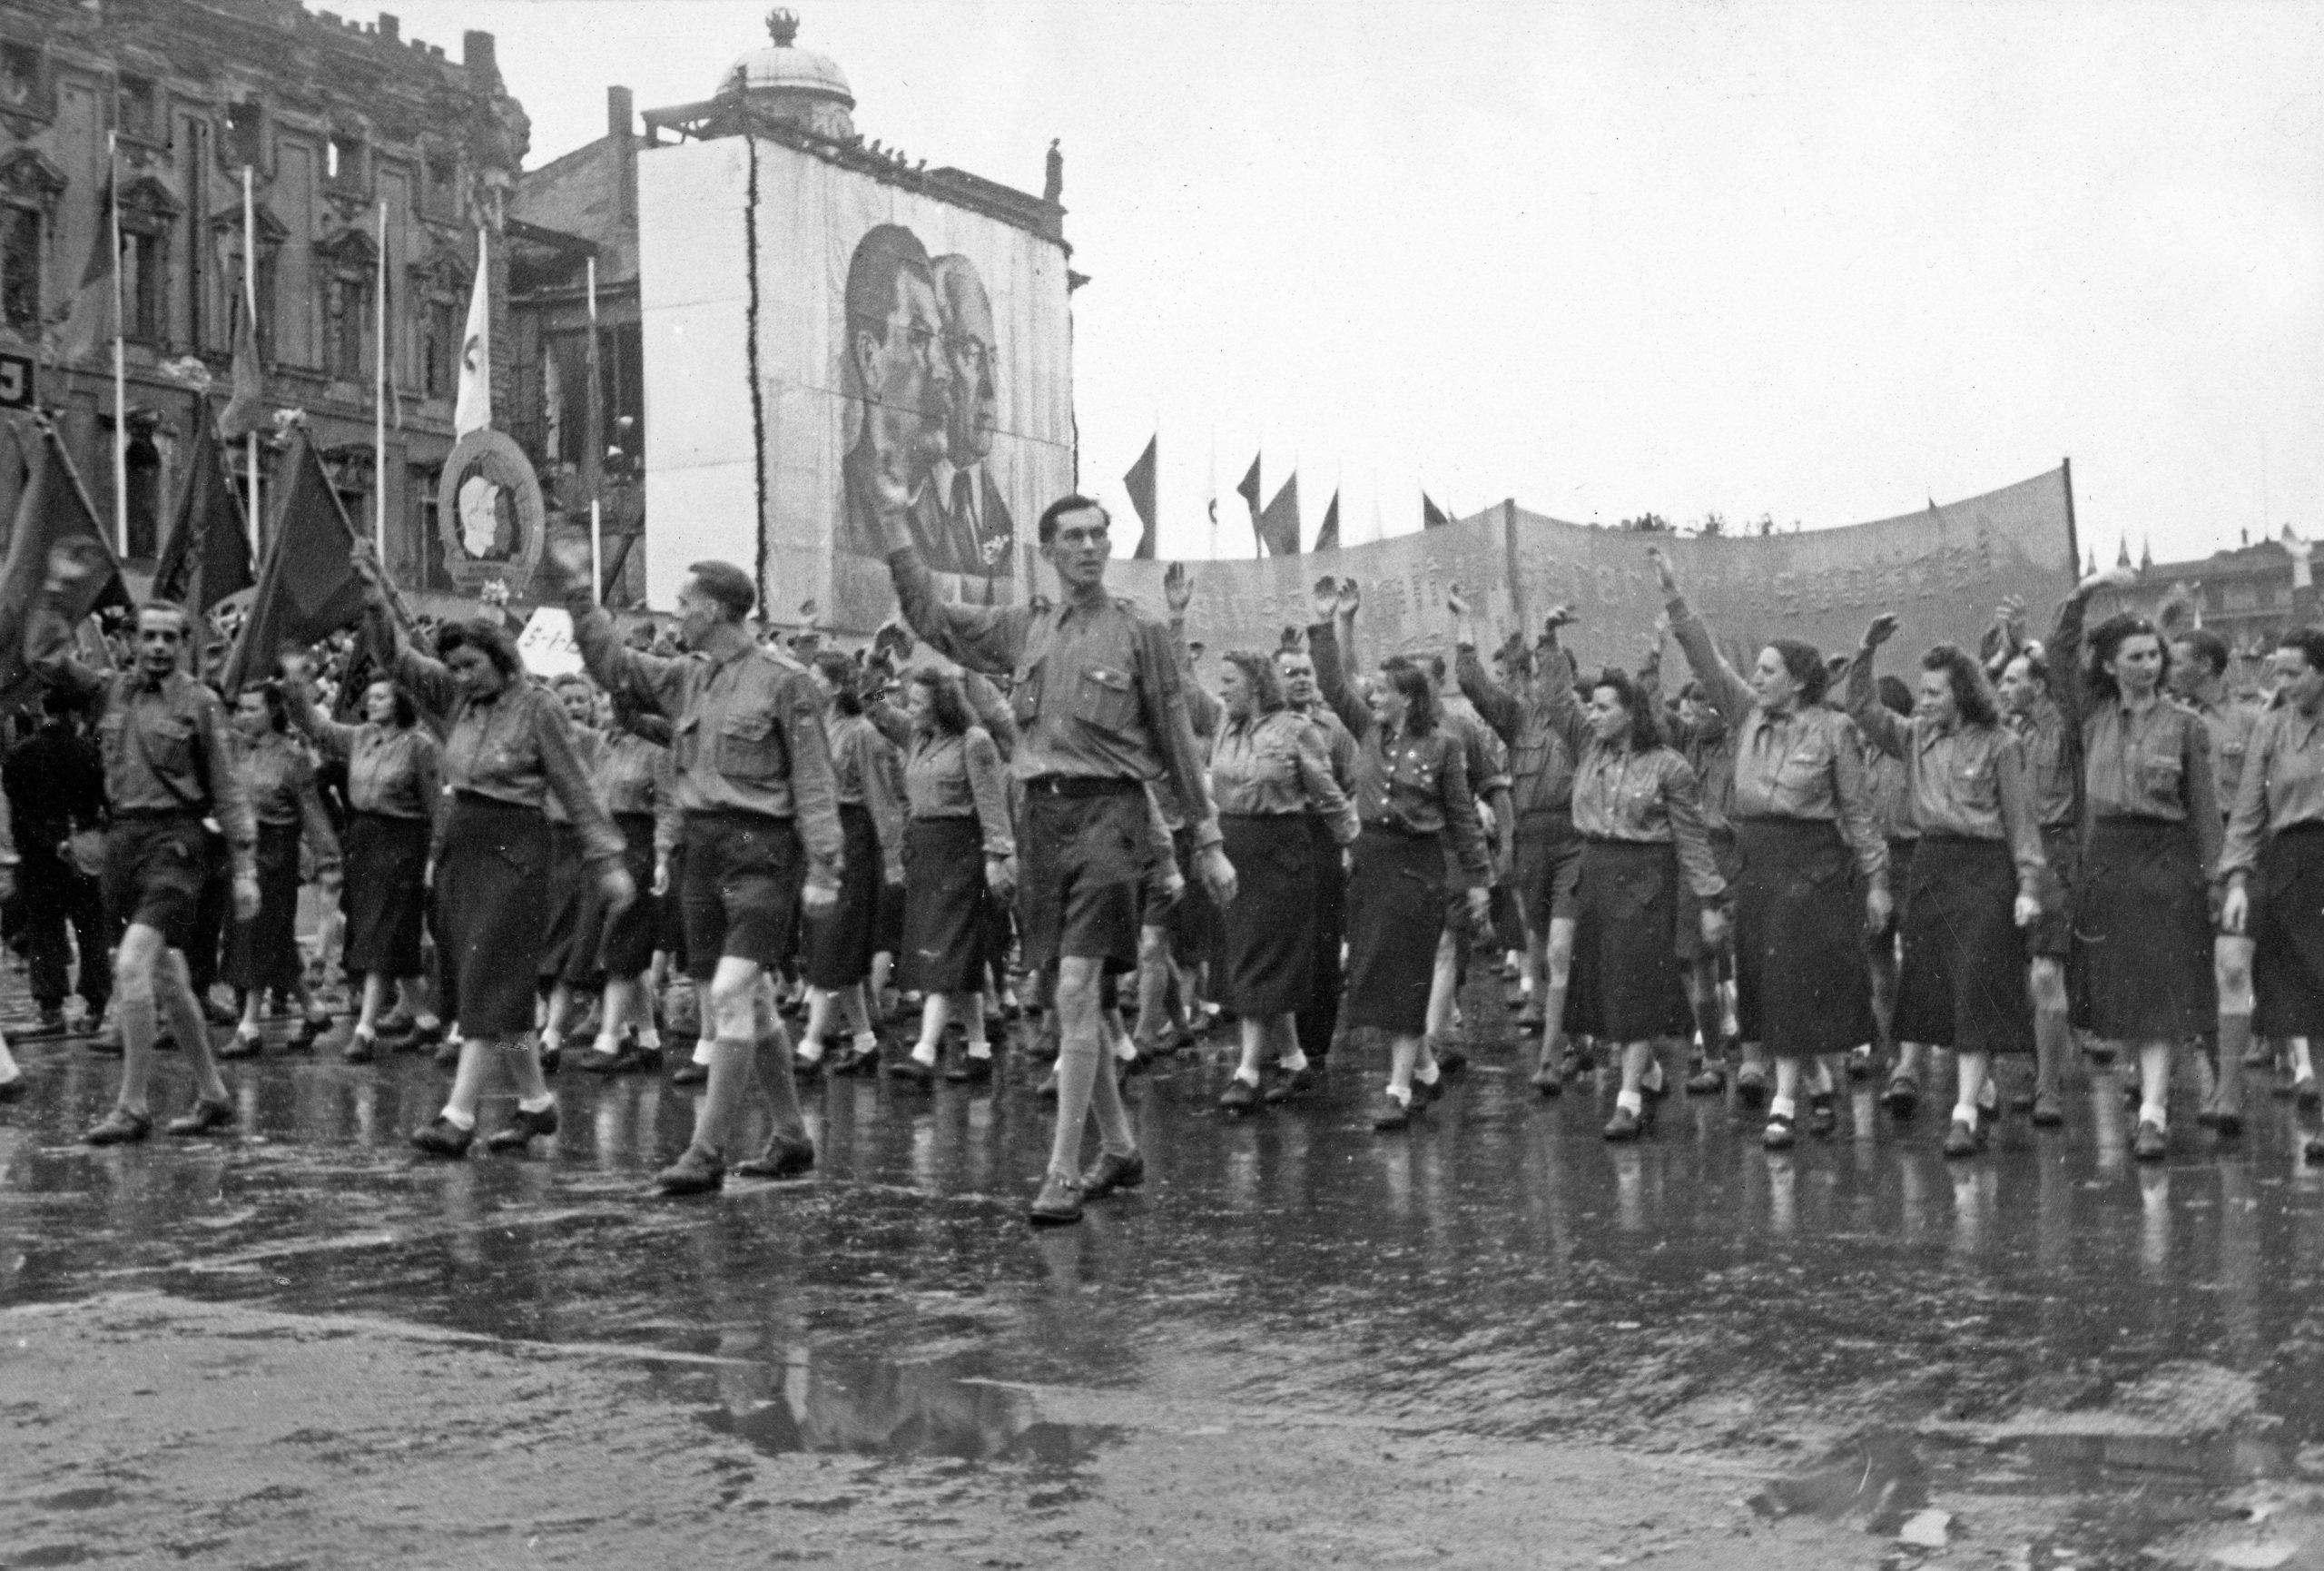 Maikundgebung mit Parade vor den Abbildungen von Josef Stalin und Wilhelm Pieck in Ost-Berlin, 1950er Jahre. Foto: Imago/United Archives/Roba/Siegfried Pilz